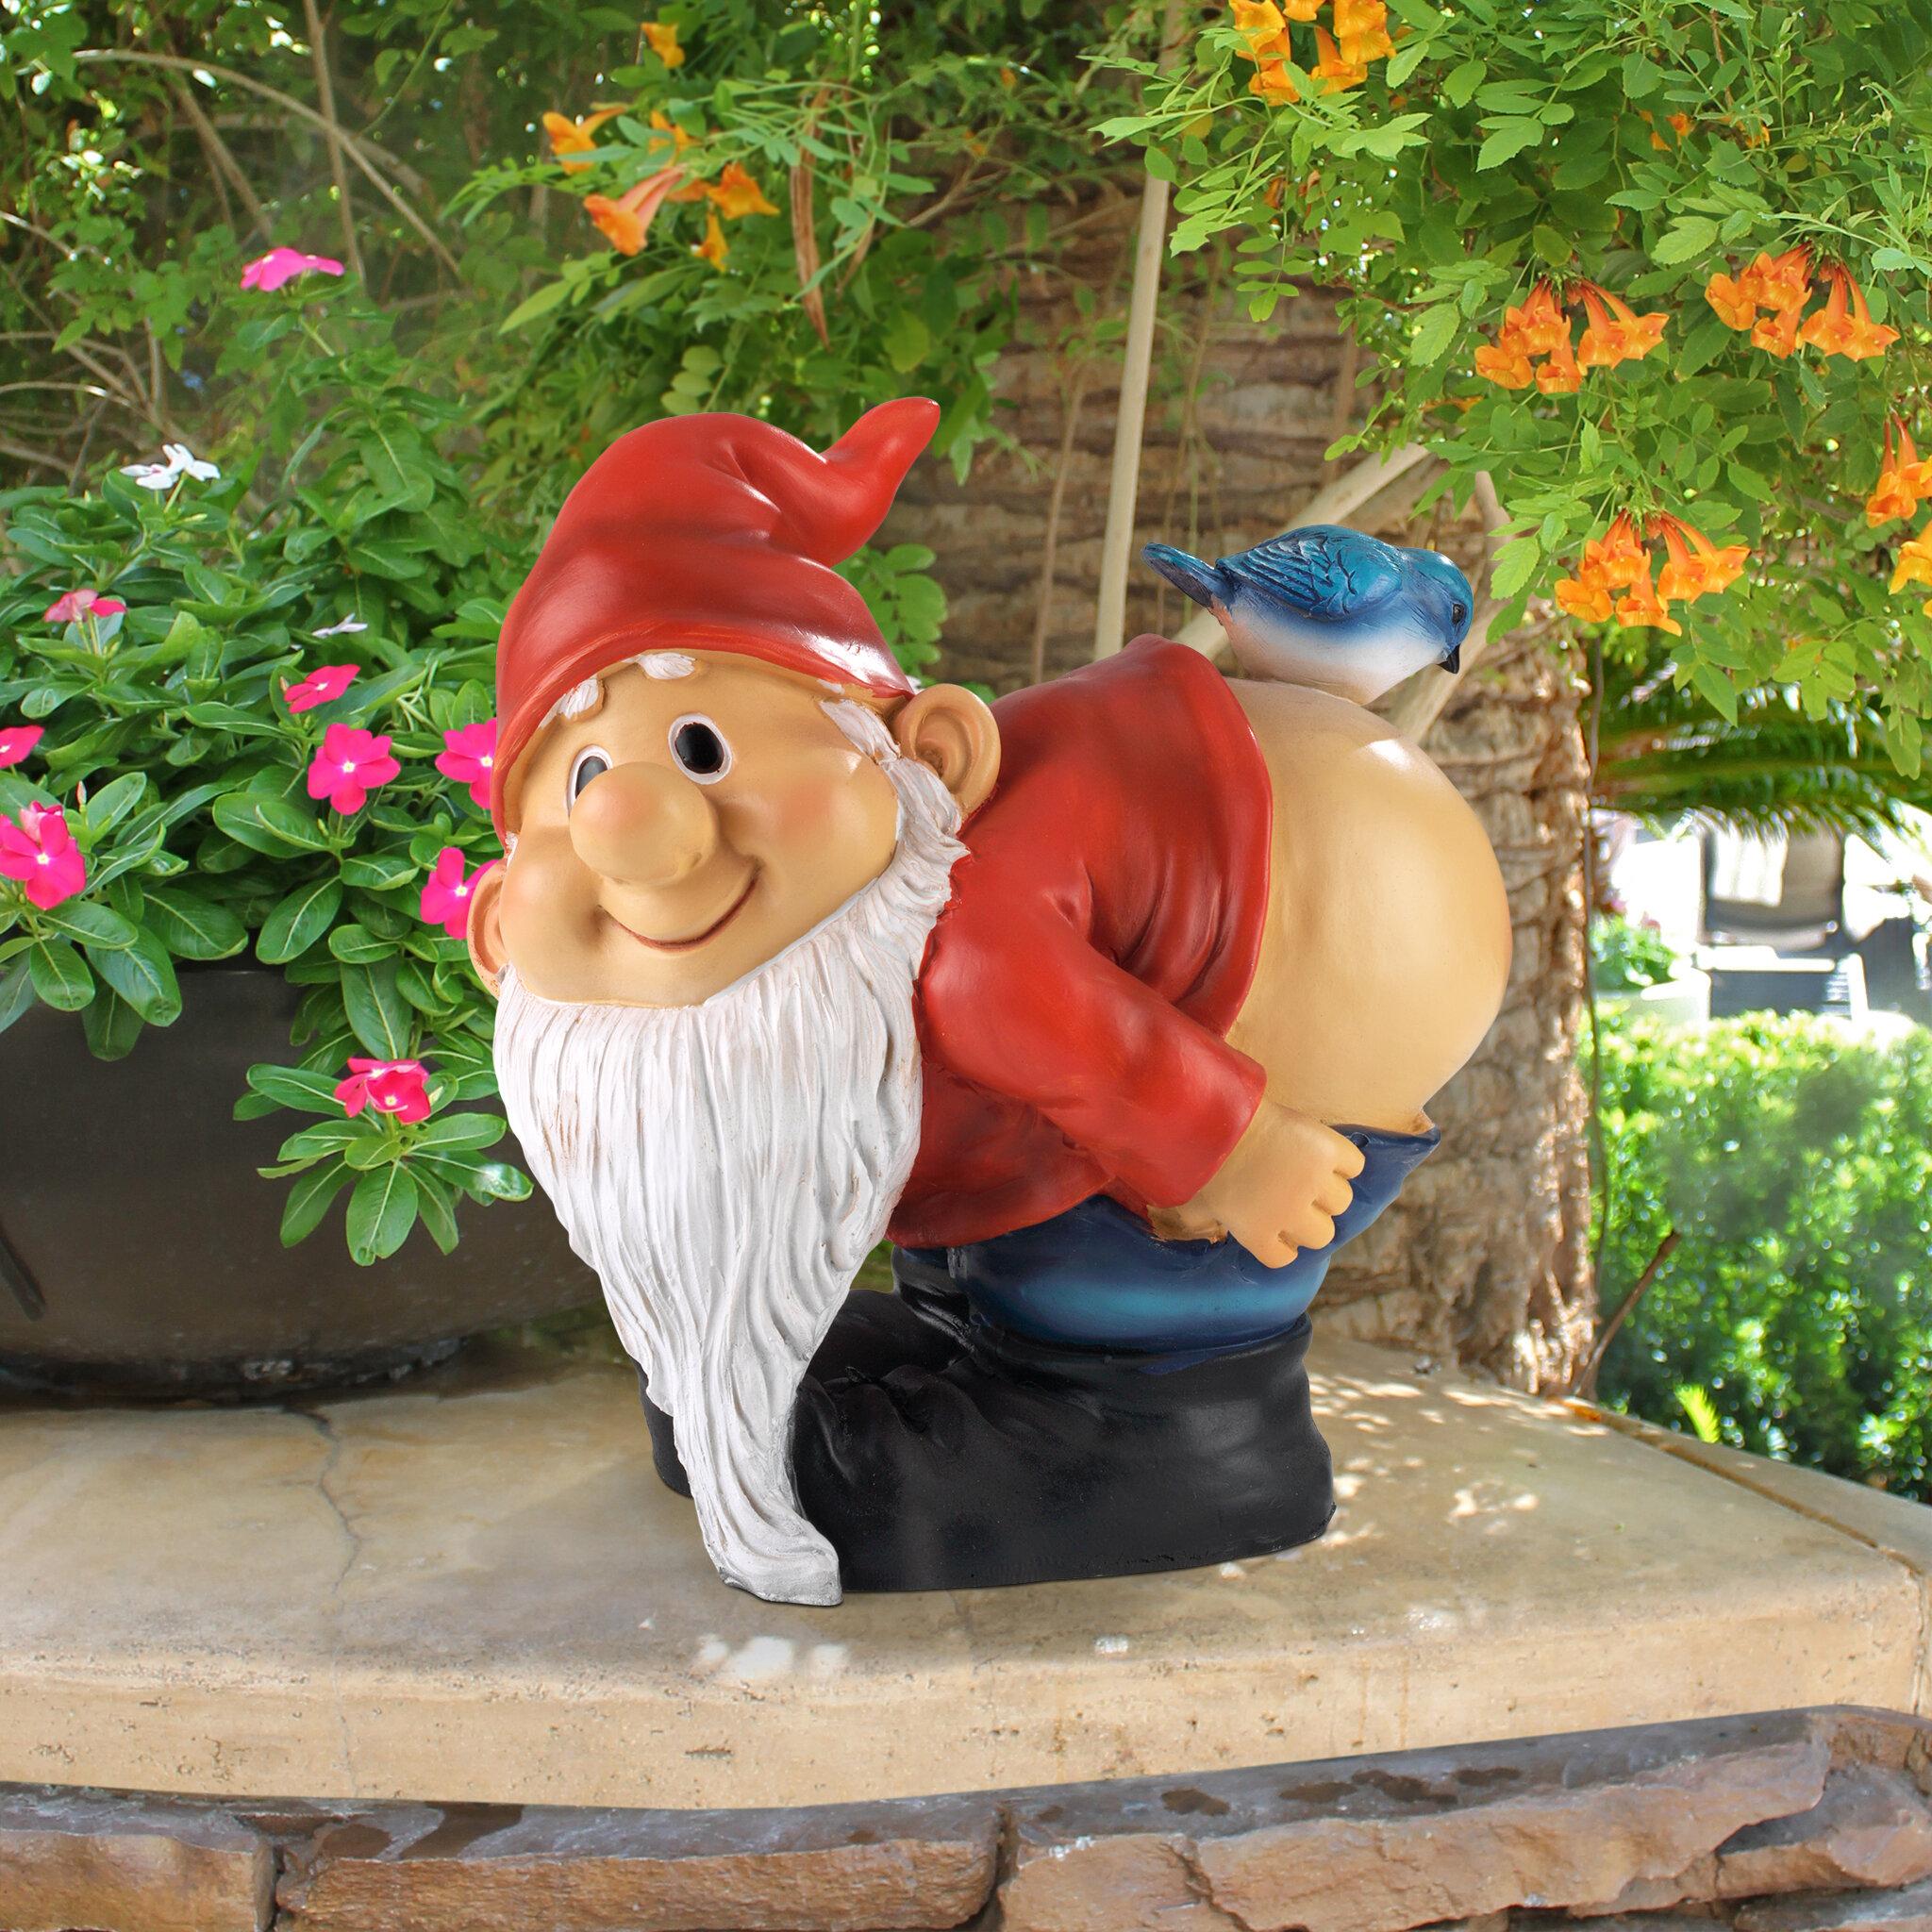 Merveilleux Design Toscano Loonie Moonie Bare Buttocks Garden Gnome Statue U0026 Reviews |  Wayfair